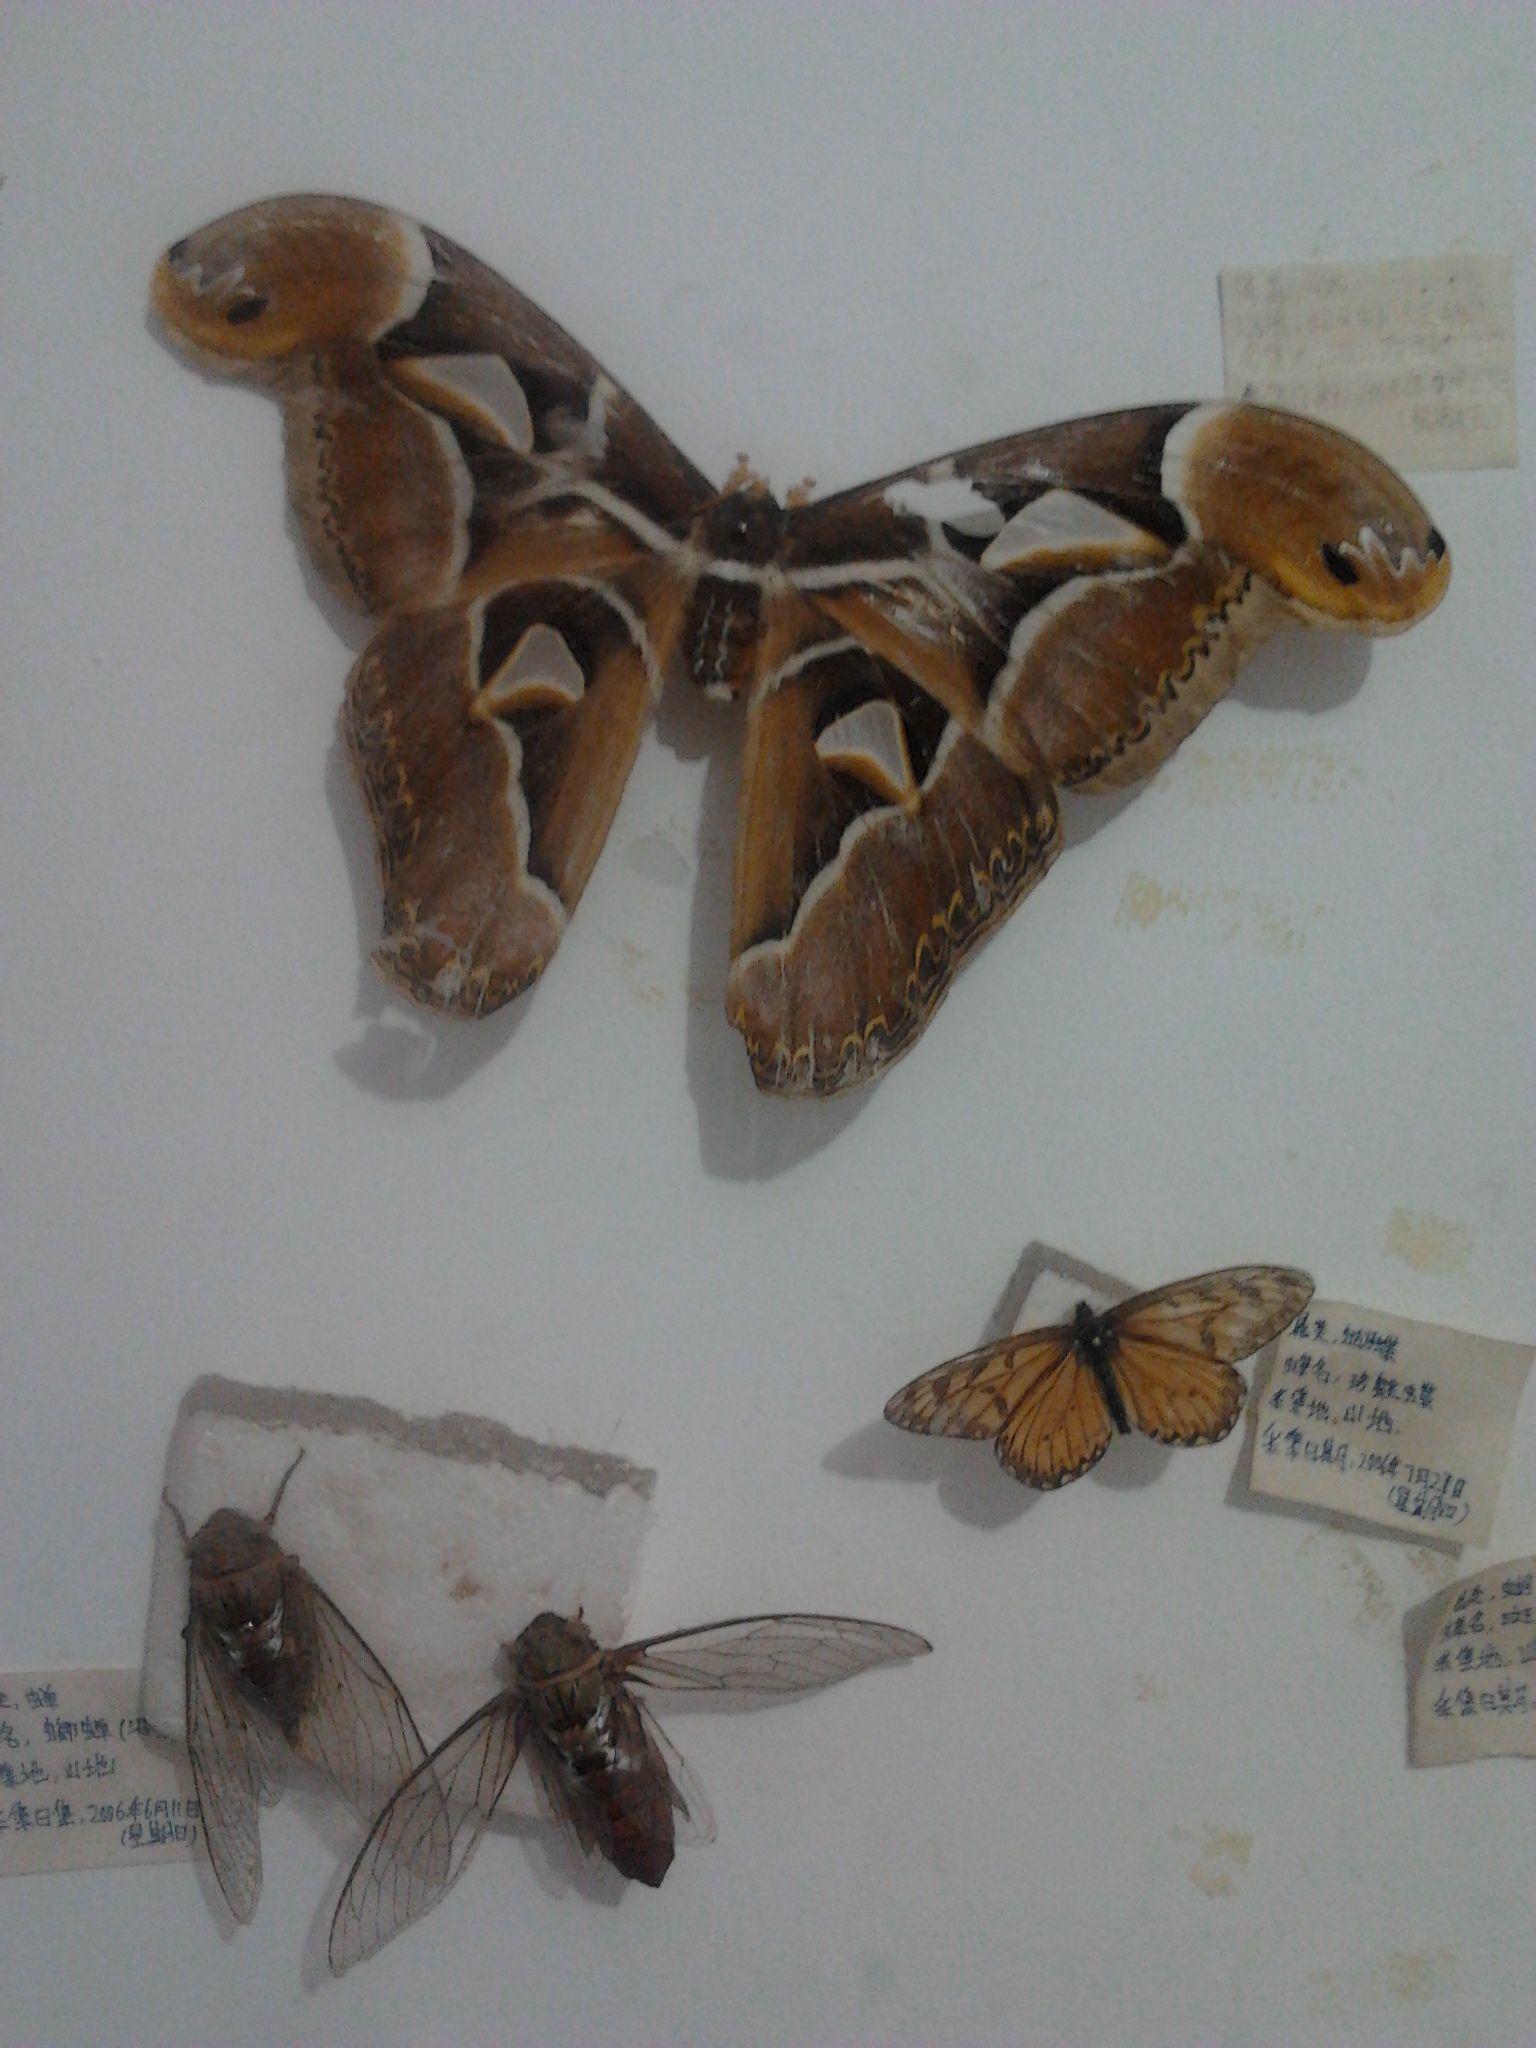 蝴蝶标本制作 蝴蝶标本的制作过程 蝴蝶标本制作方法